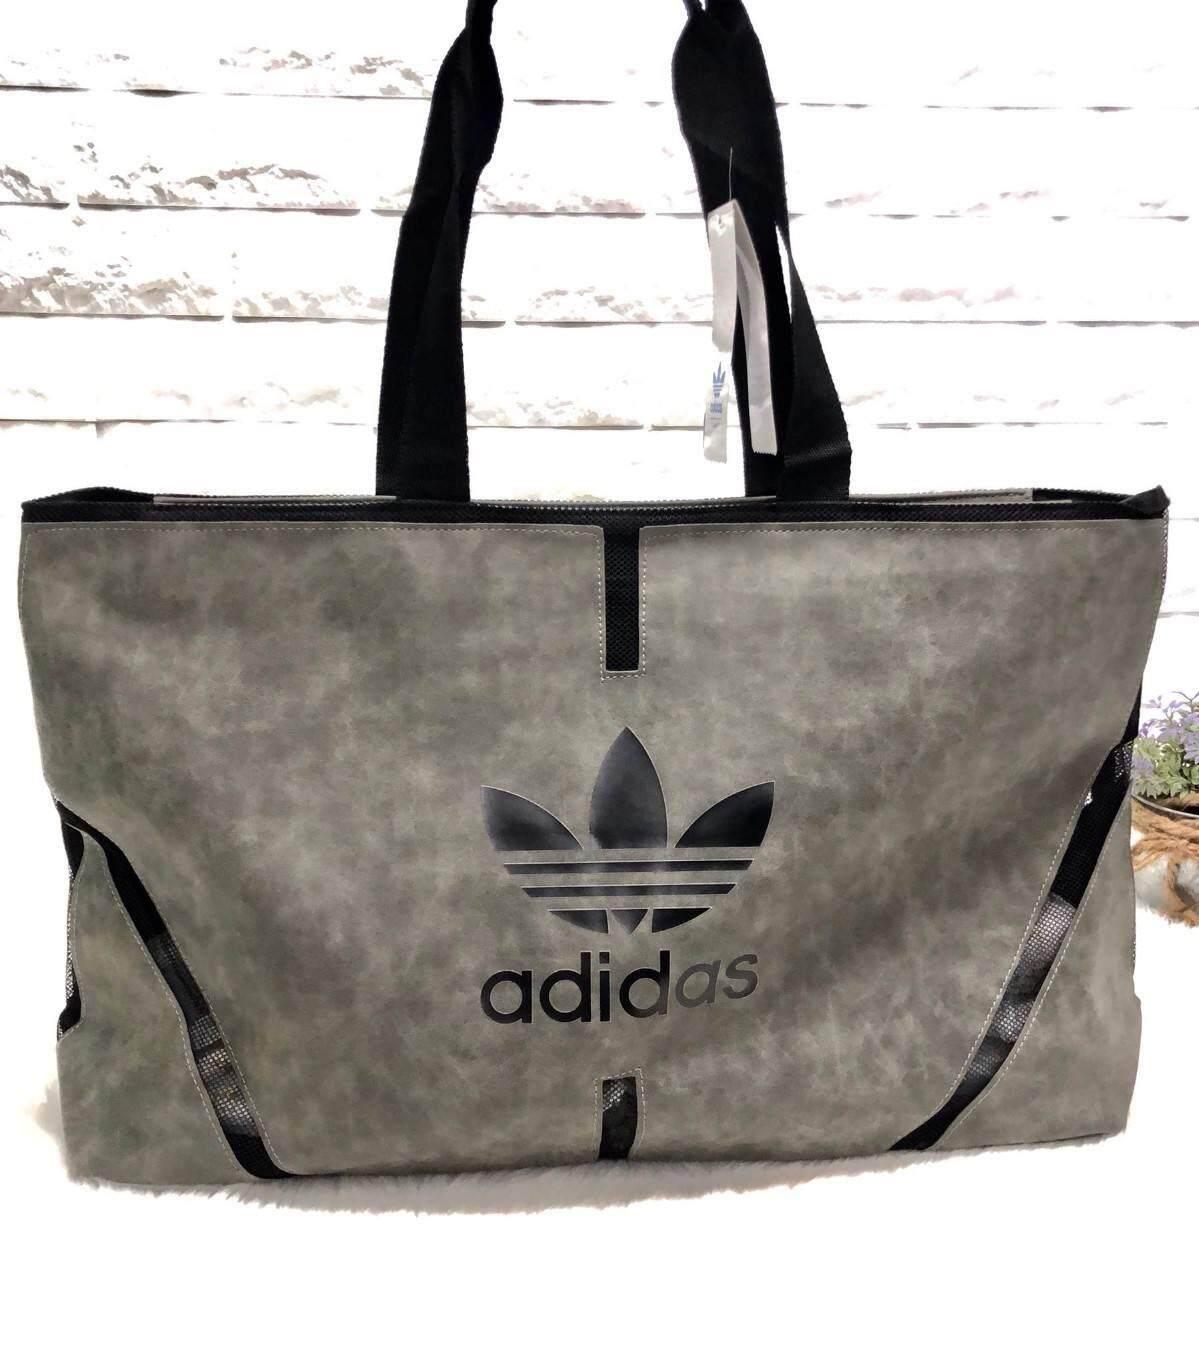 16e1660690b7 ขาย อาดิดาส กระเป๋าผู้หญิง - ซื้อ กระเป๋าผู้หญิง พร้อมส่วนลด ดีลราคา ...